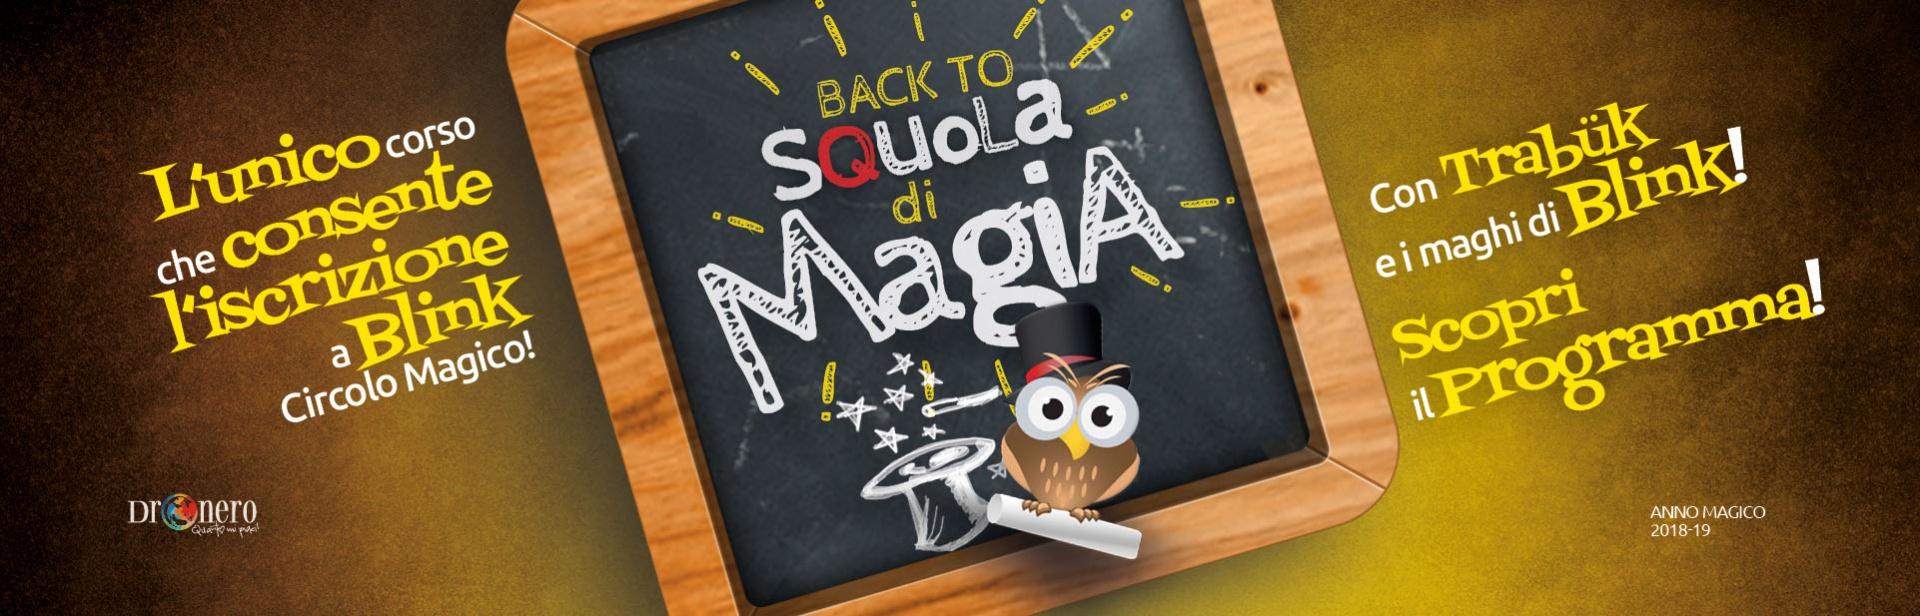 A Squola di magia - l'unica scuola di magia